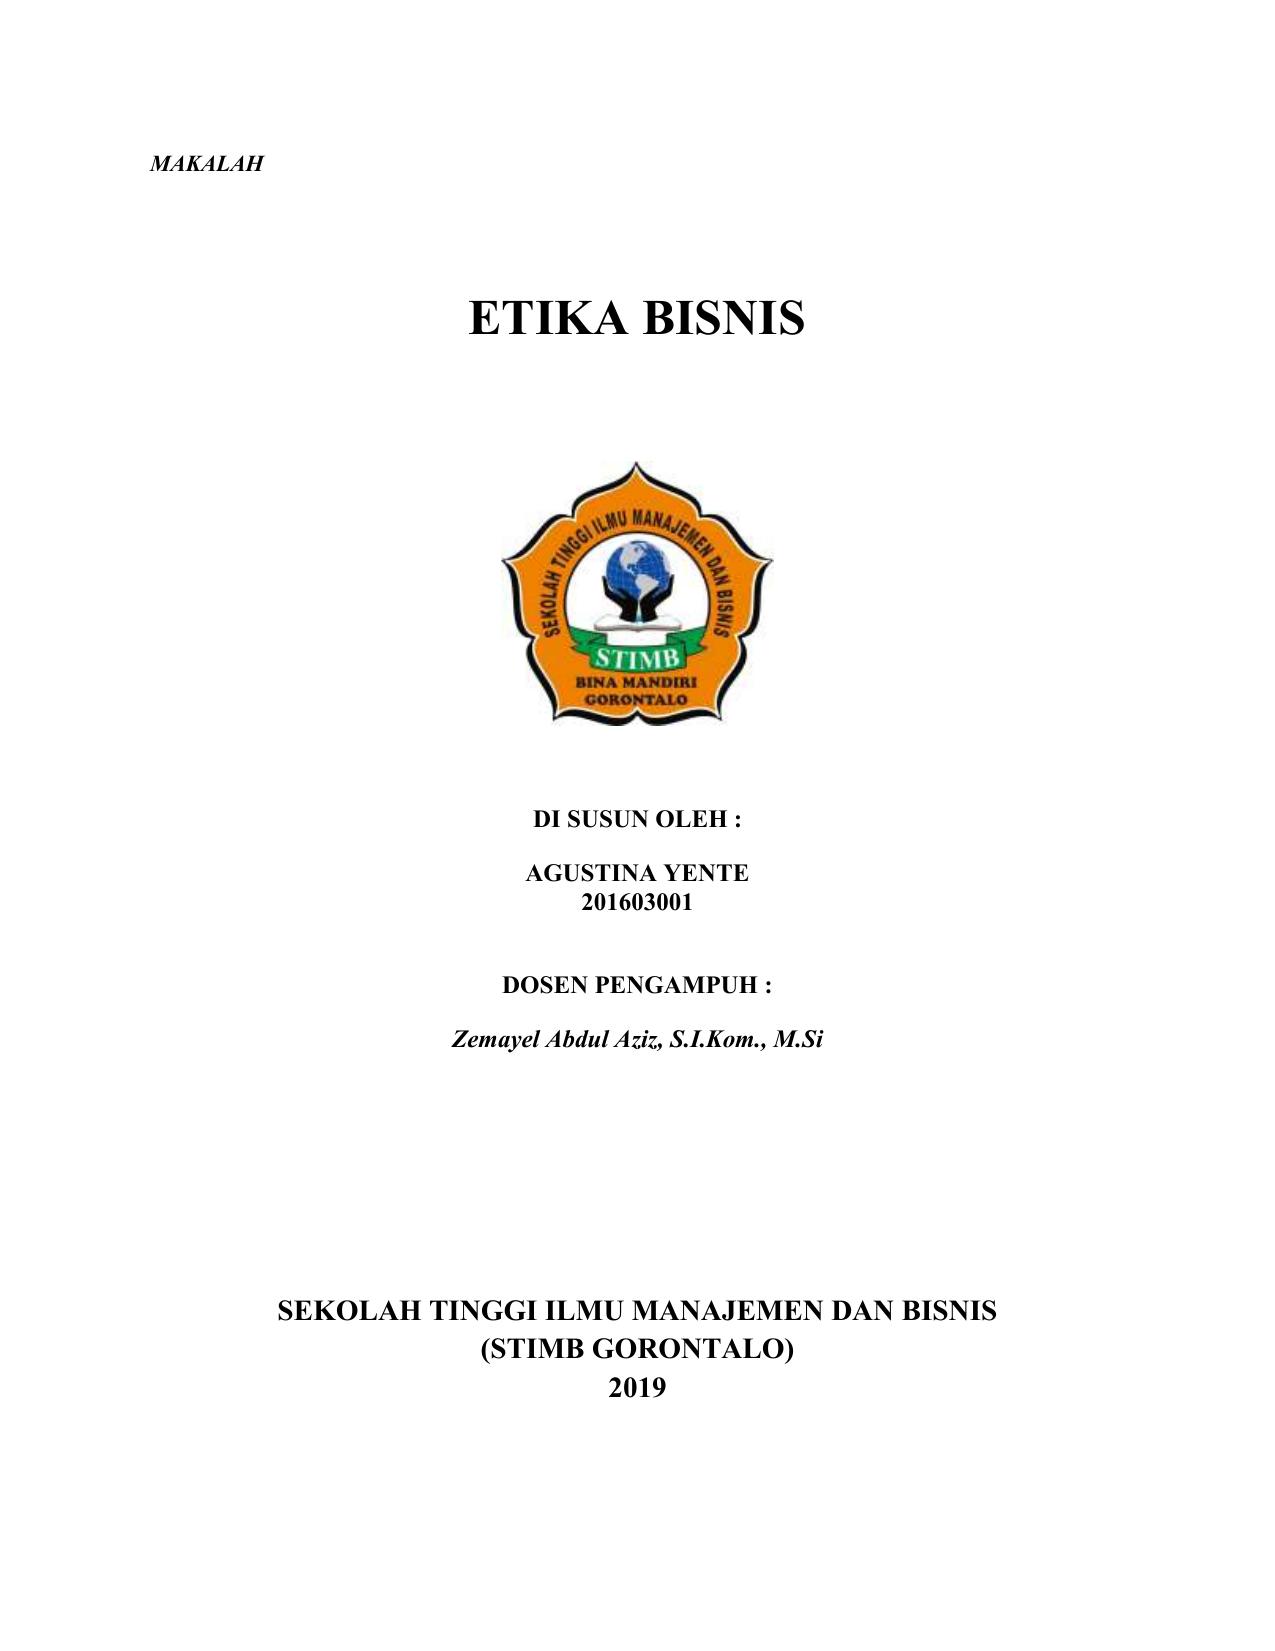 Makalah Etika Bisnis Materi 1